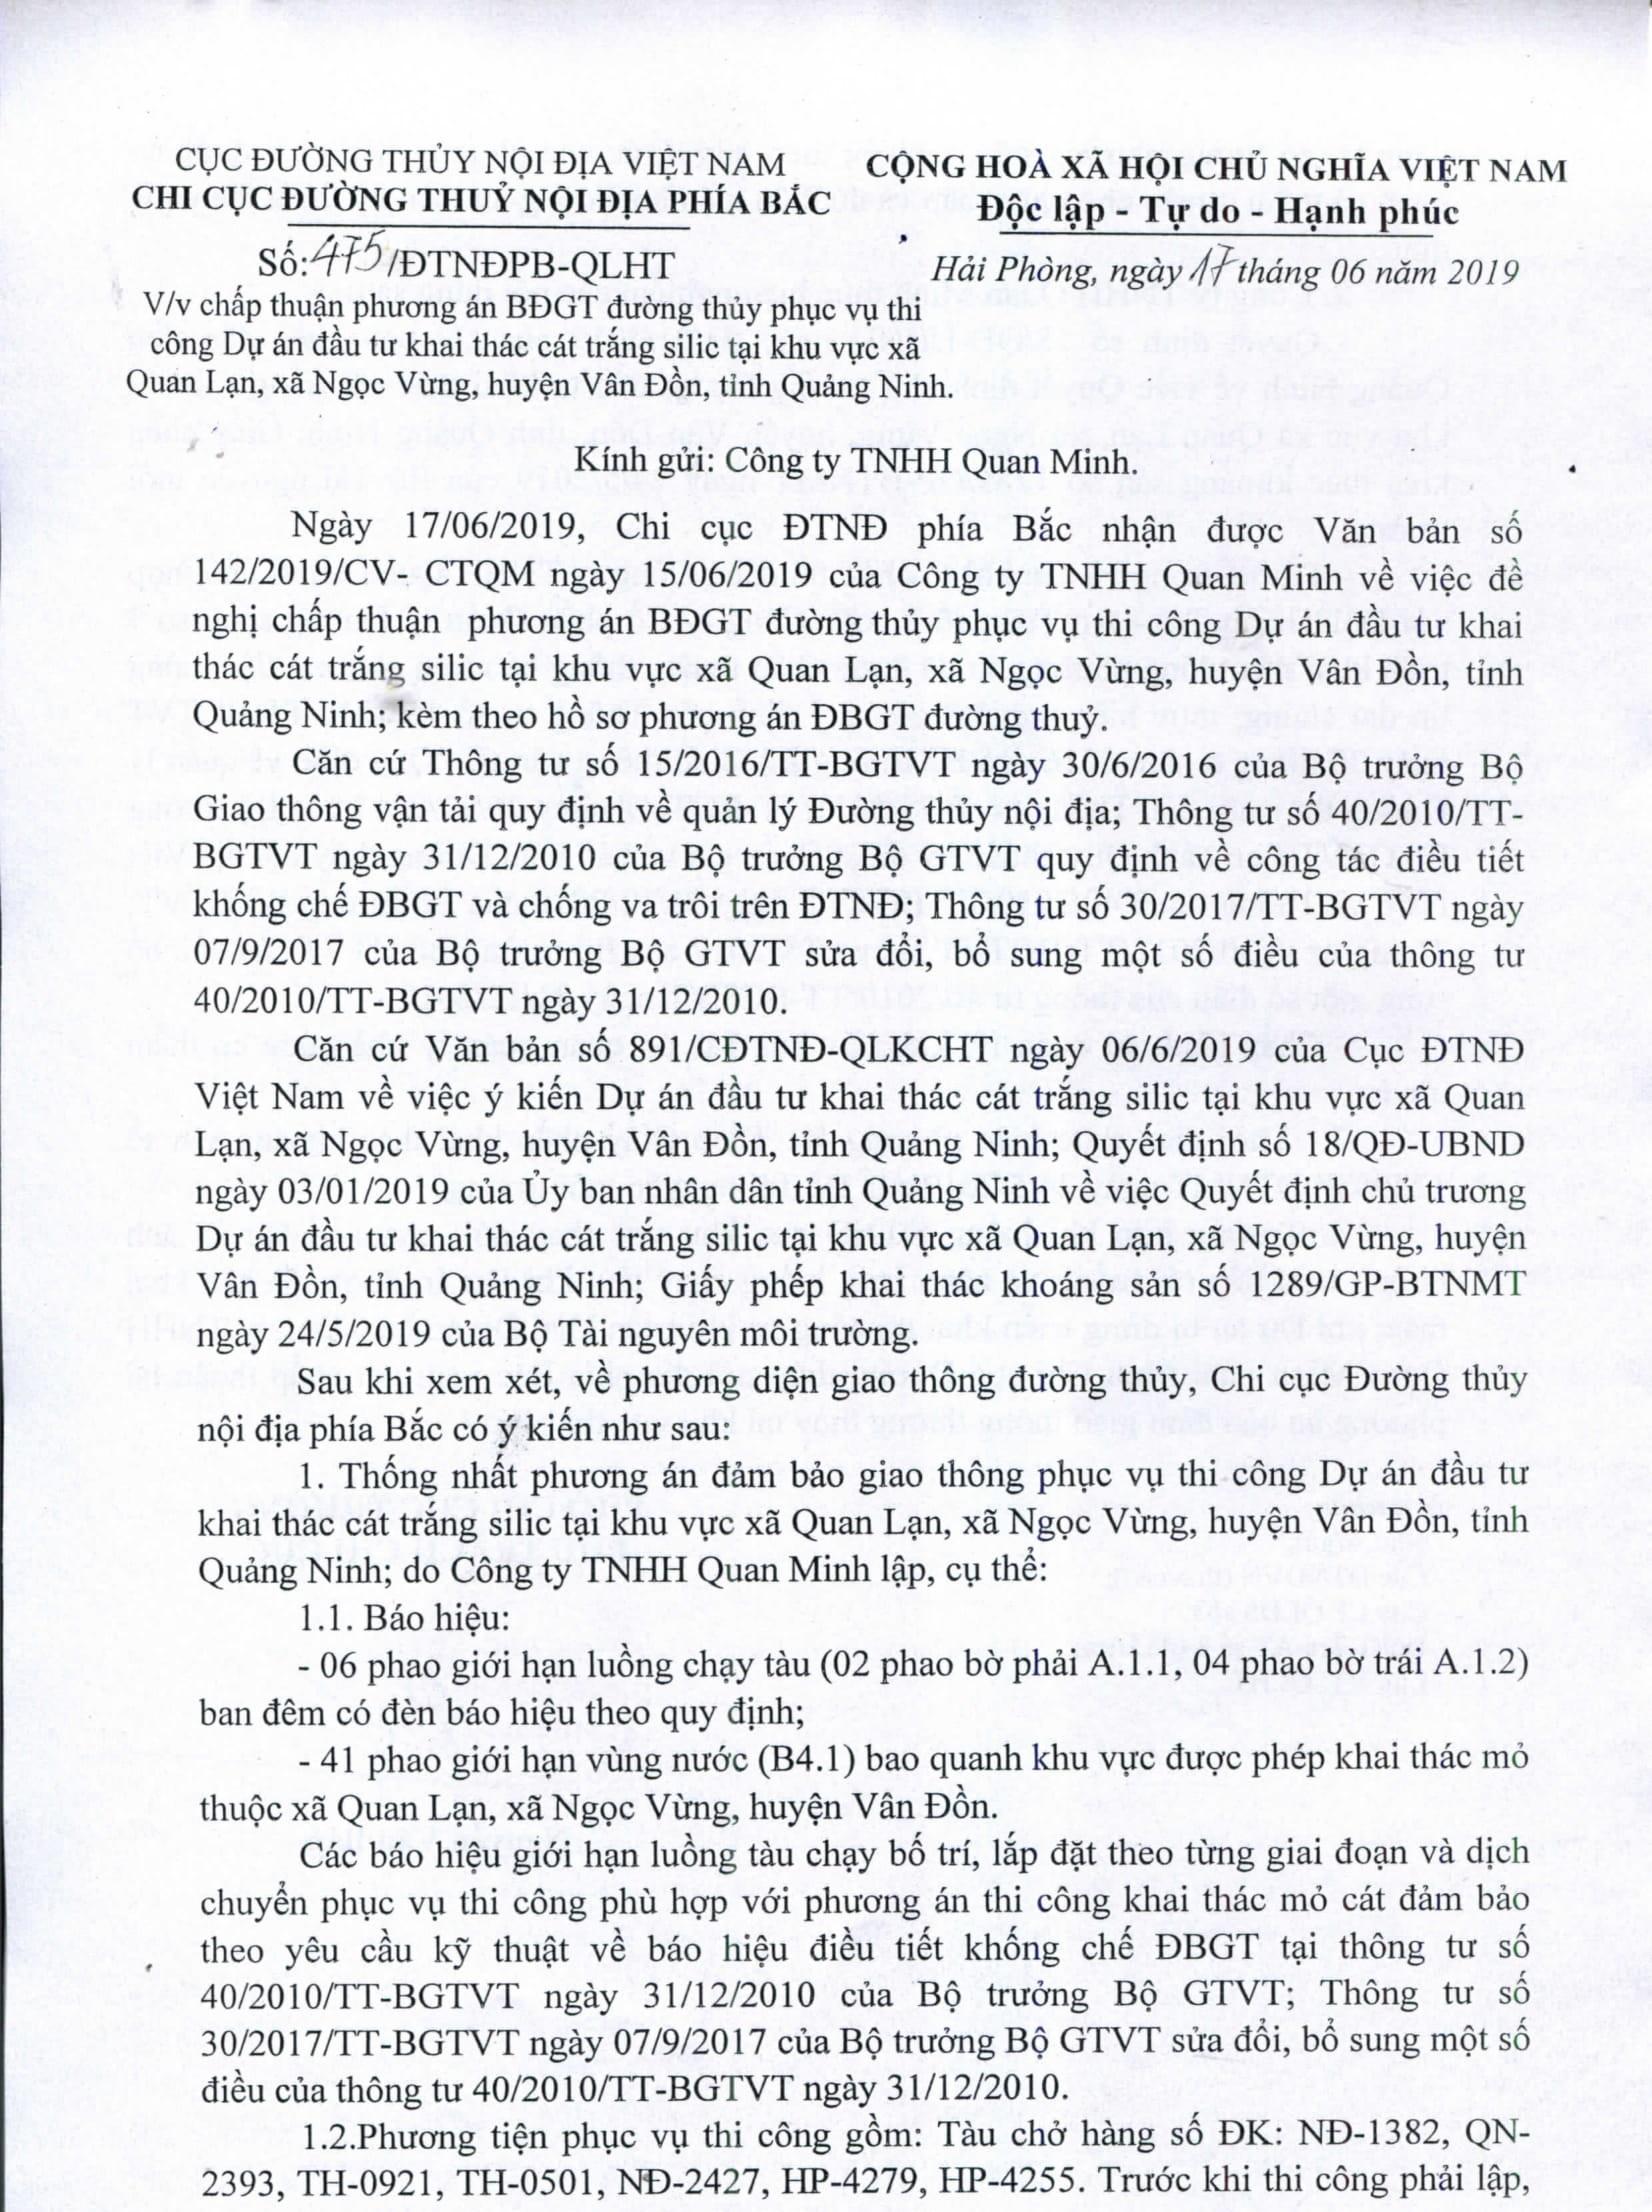 Chấp thuận PA điều tiết bảo đảm GTĐT phục vụ thi công dư án đầu tư khai thác cát trắng silic tại khu vực xã Quan Lạn, xã Ngọc Vừng, huyện Vân Đồn, tình Quảng Ninh